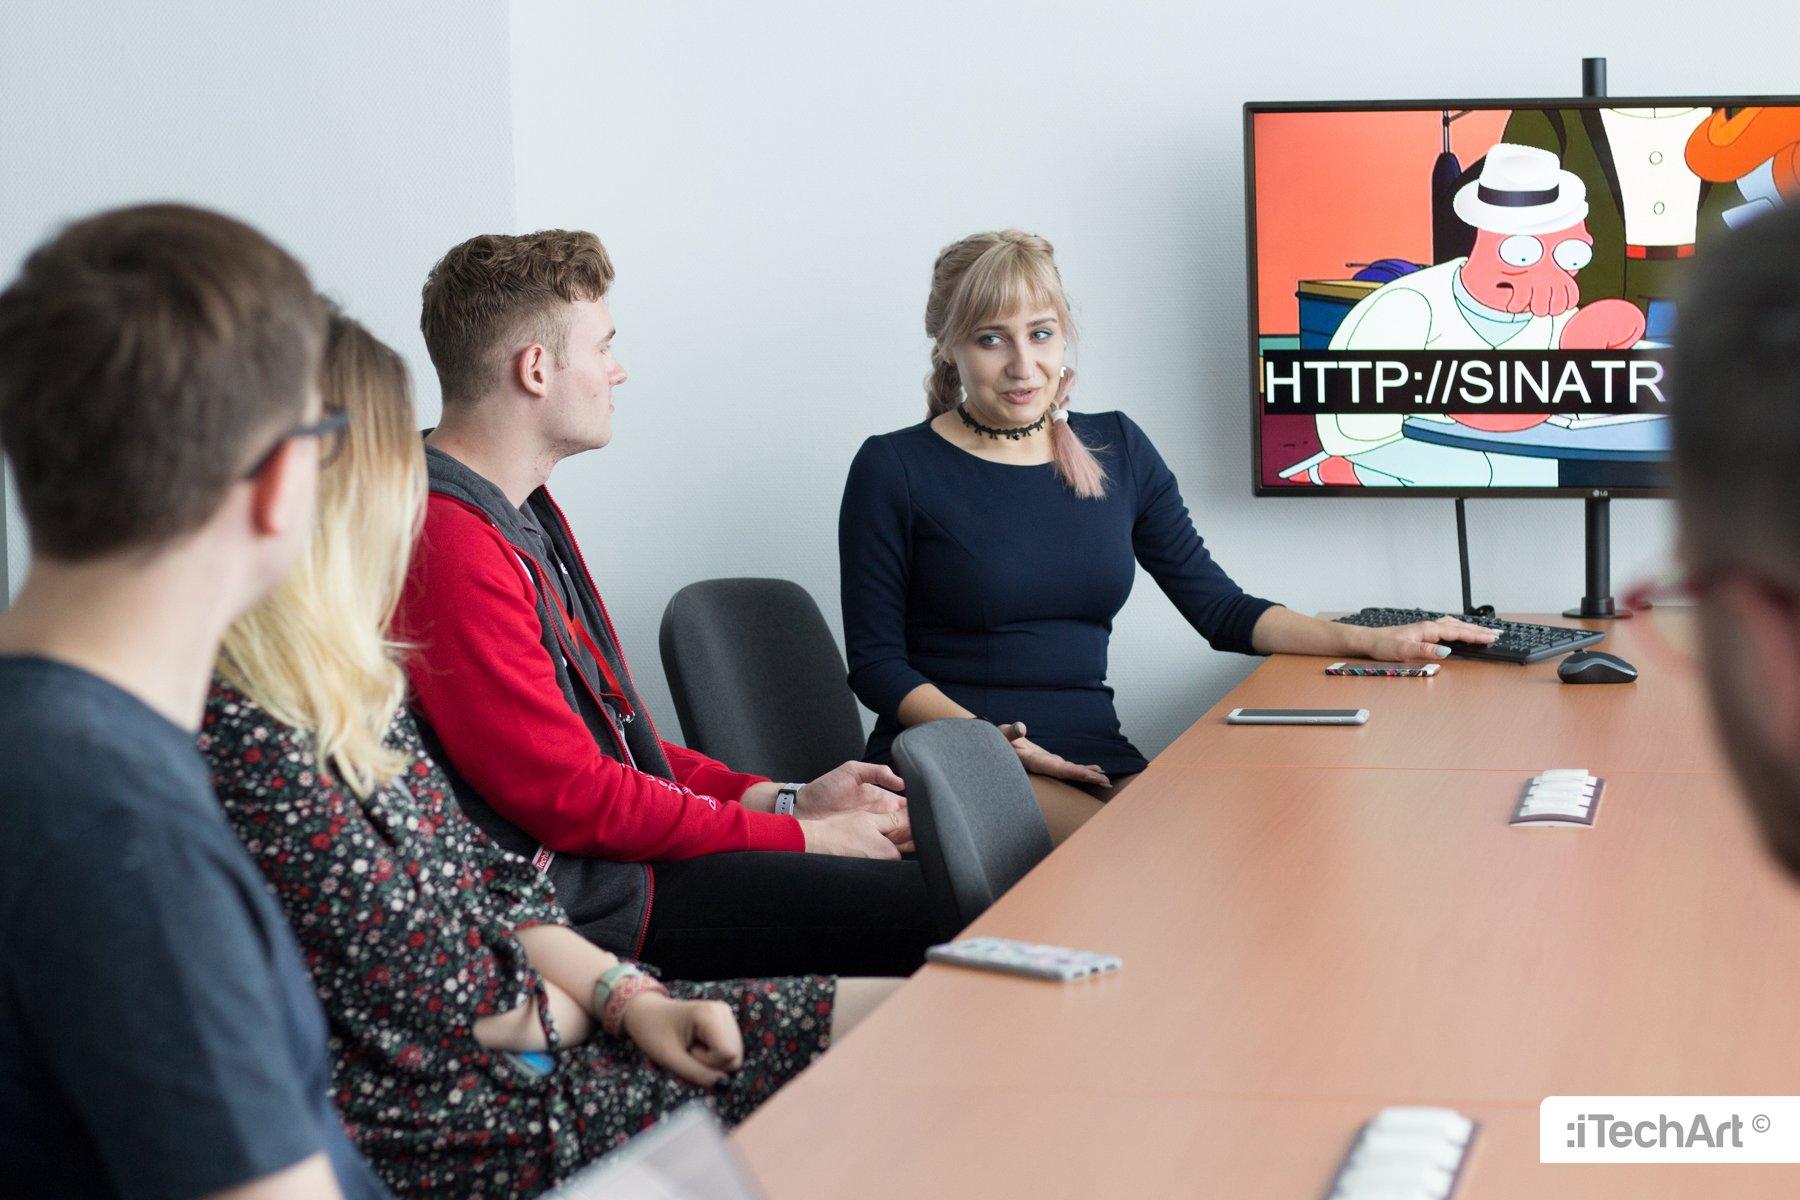 Разработчики iTechArt рассказывают о Ruby community и курсах - фото 4